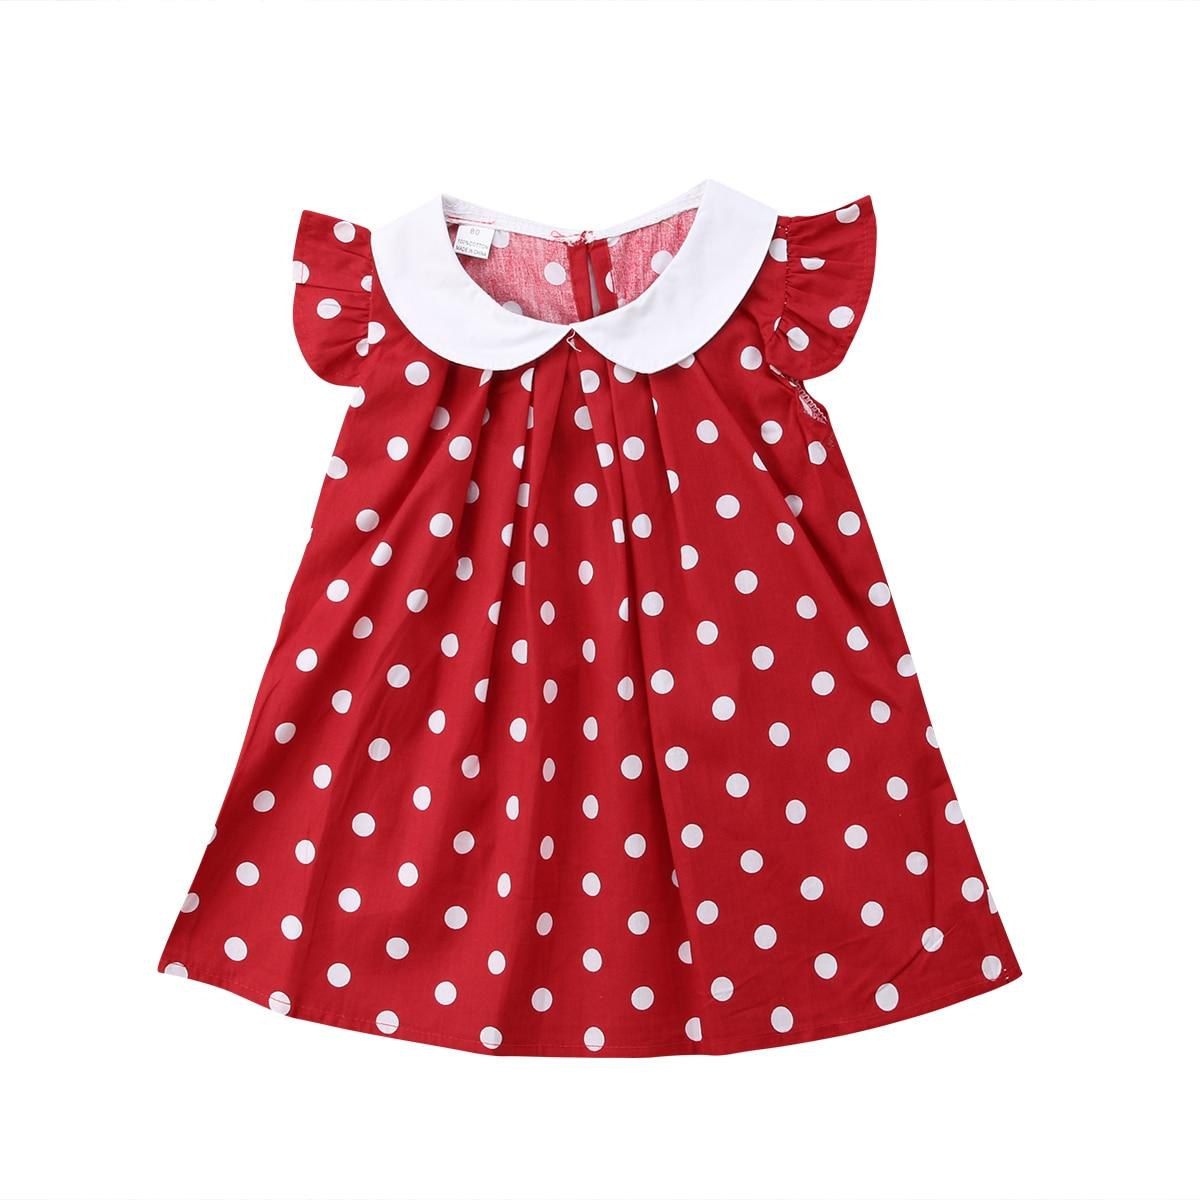 Prinzessin Baby Mädchen Dot Roten Kleid Peter pan kragen Neugeborenen Baby Mädchen Patry Geburtstag Kleid 2019 Neue